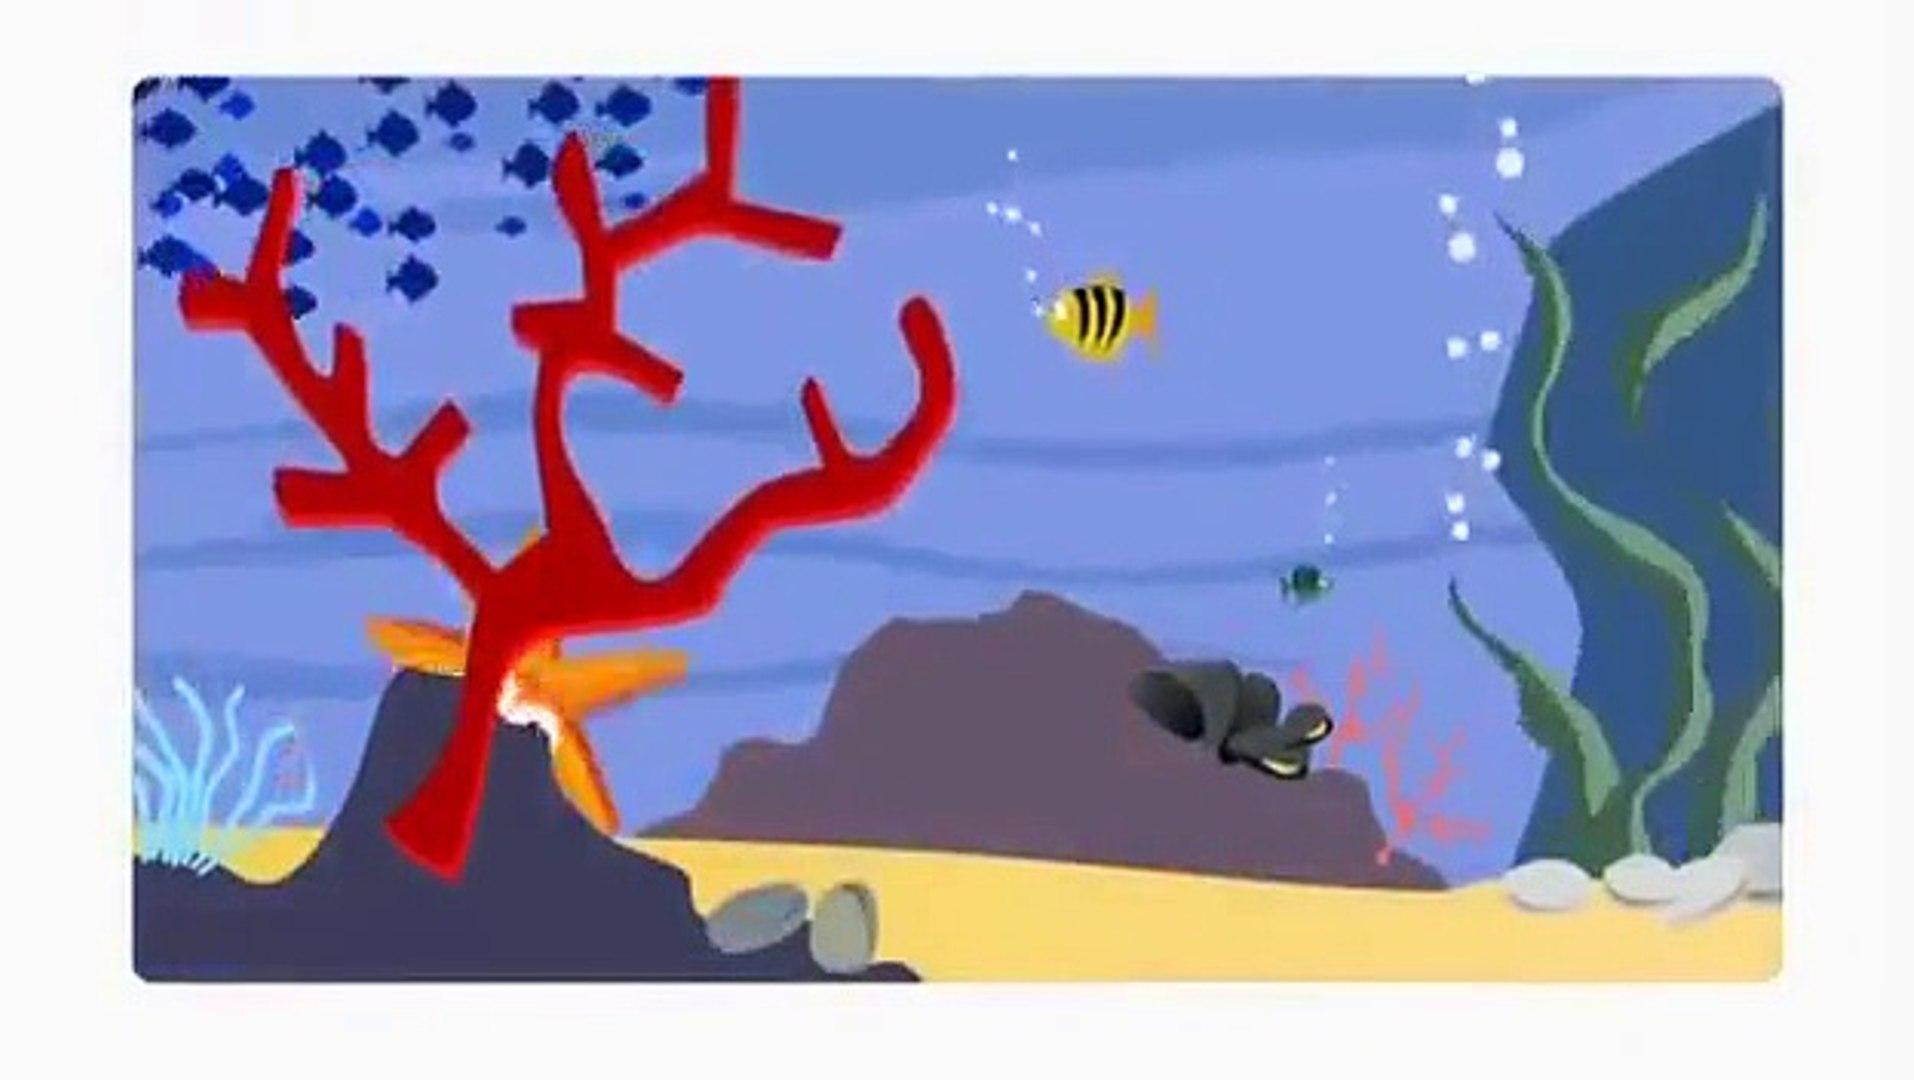 Детский Зоопарк Морская звезда Развивающий мультфильм Kids Zoo Cartoon Starfish Developing